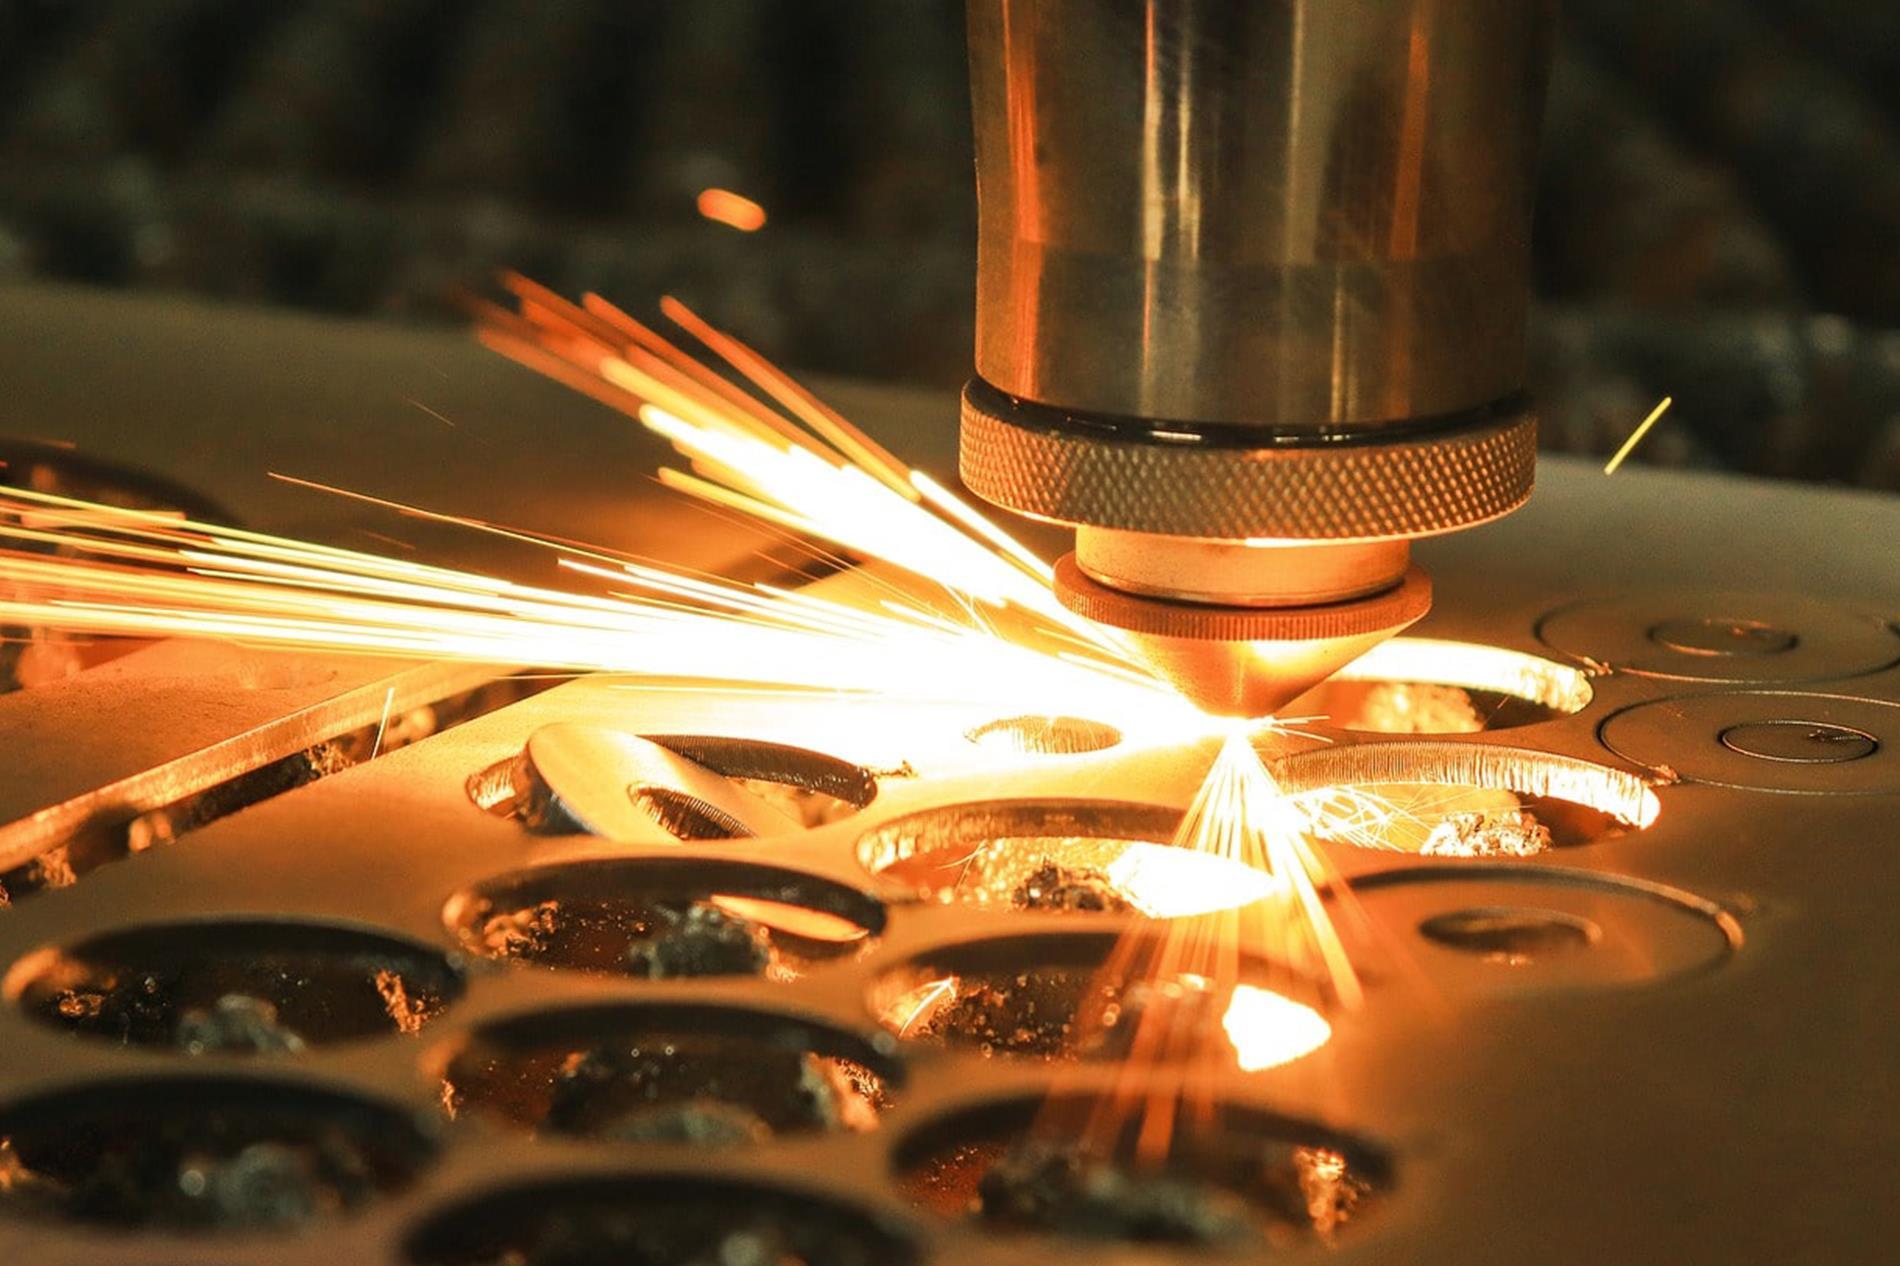 برش لیزری بر روی انواع مواد قابل اجرا است - گروه صنعتی ایران فلز